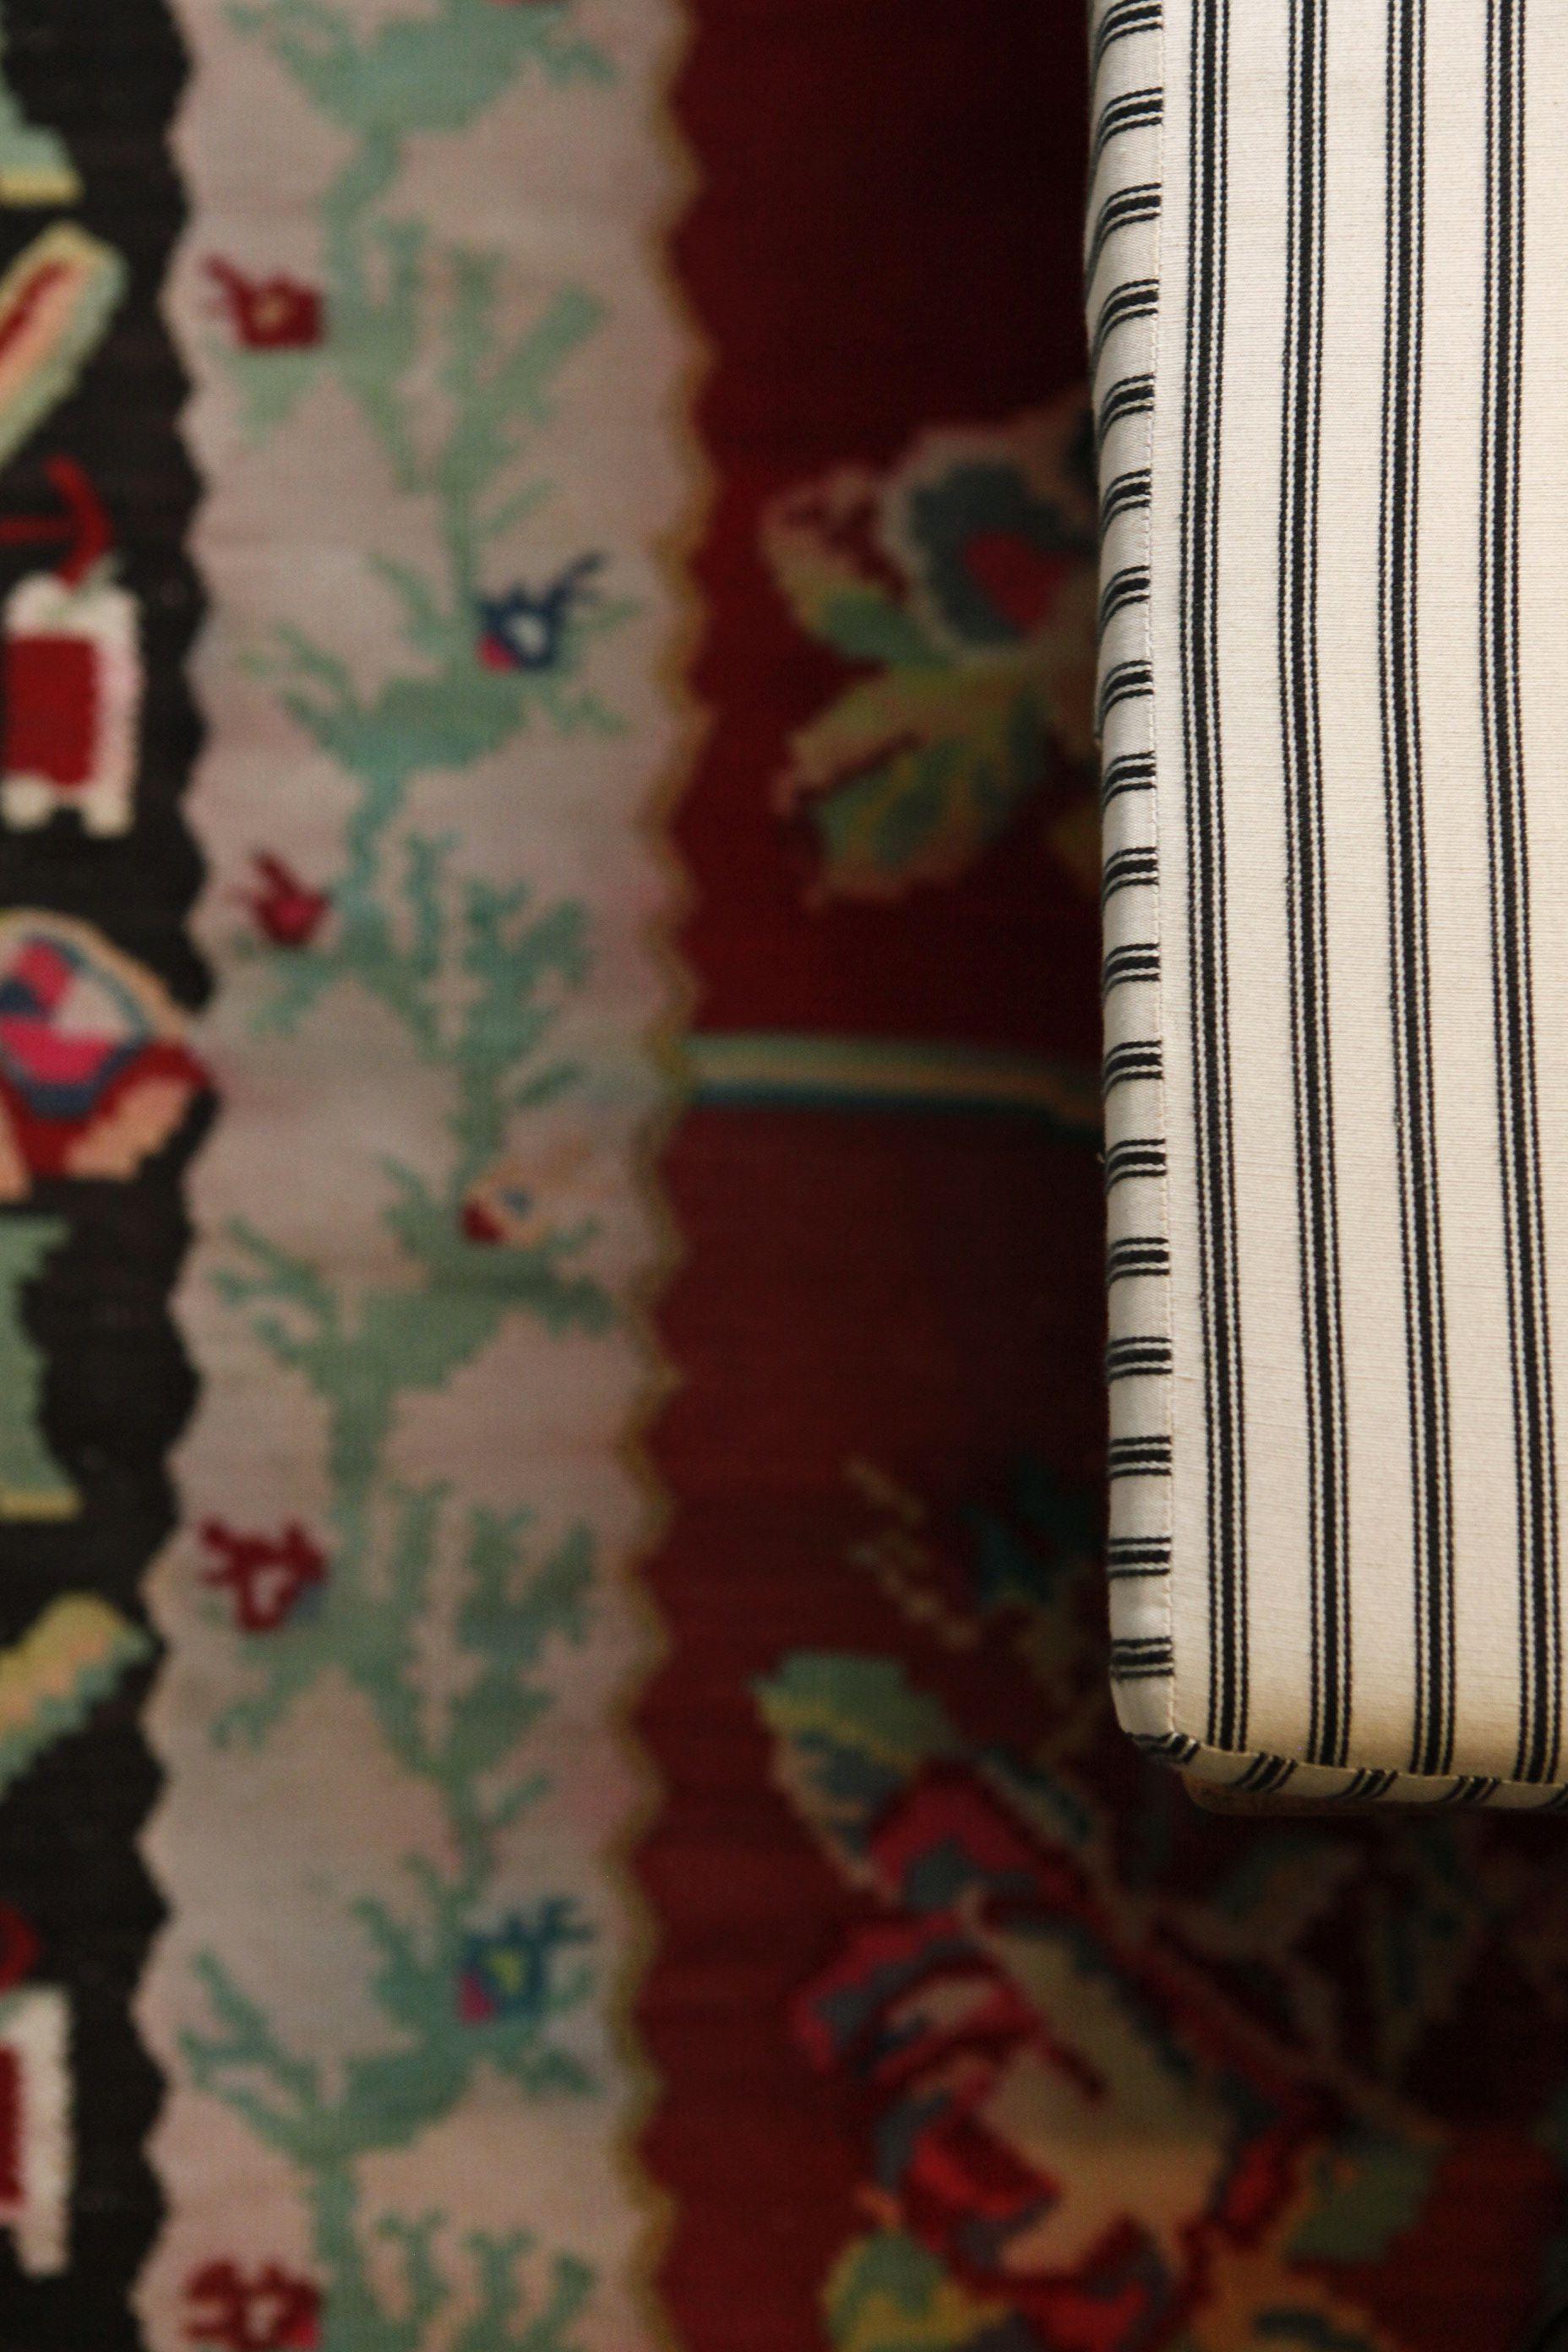 Ticking fabric & carpet from the Caucasus